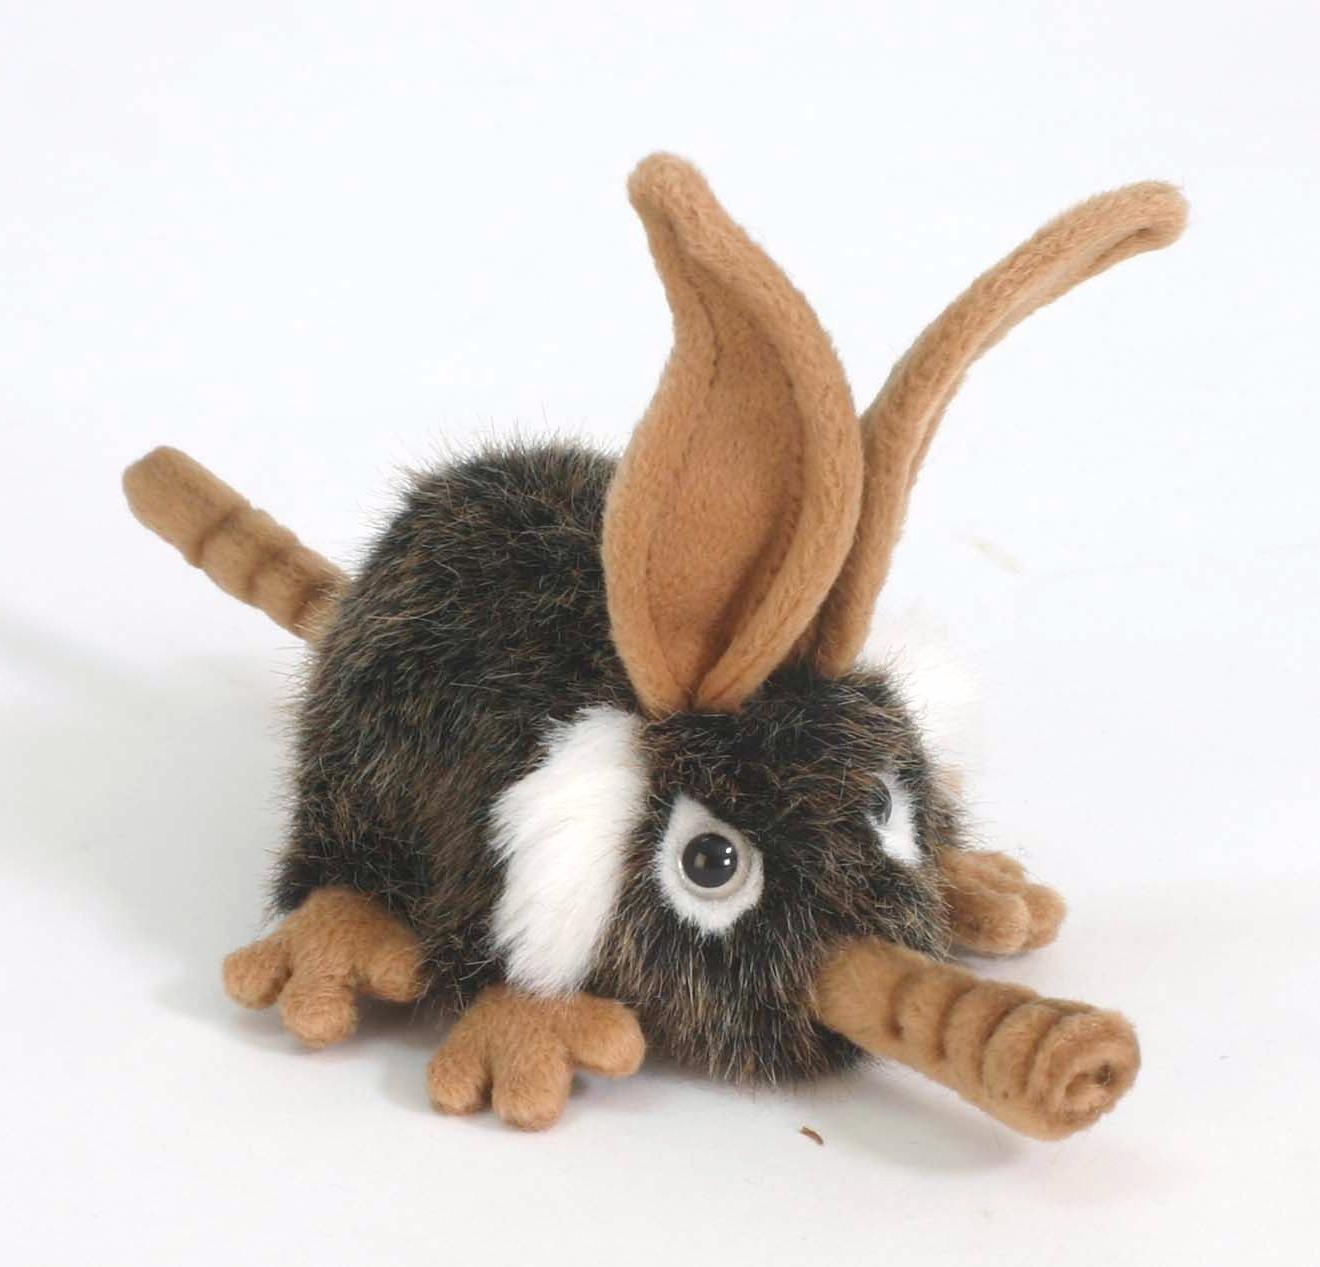 Купить Hansa Creation Лесной тролль, 15 см - 5827 - мягкая игрушка, Филиппины